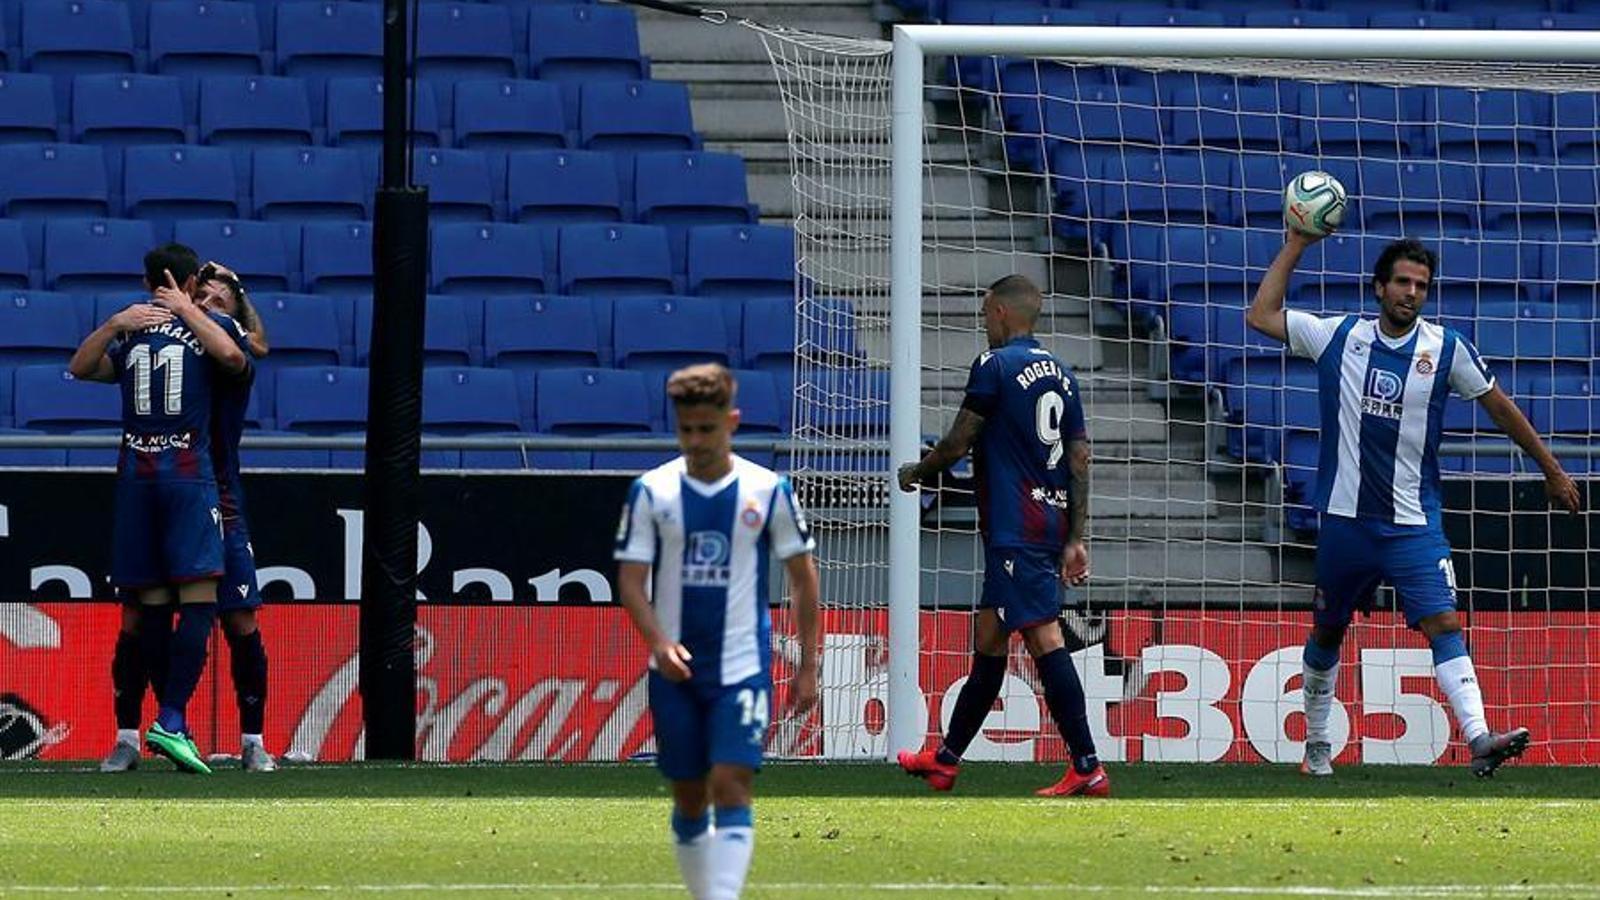 L'Espanyol s'enfonsa contra un Llevant que acaricia la permanència (1-3)